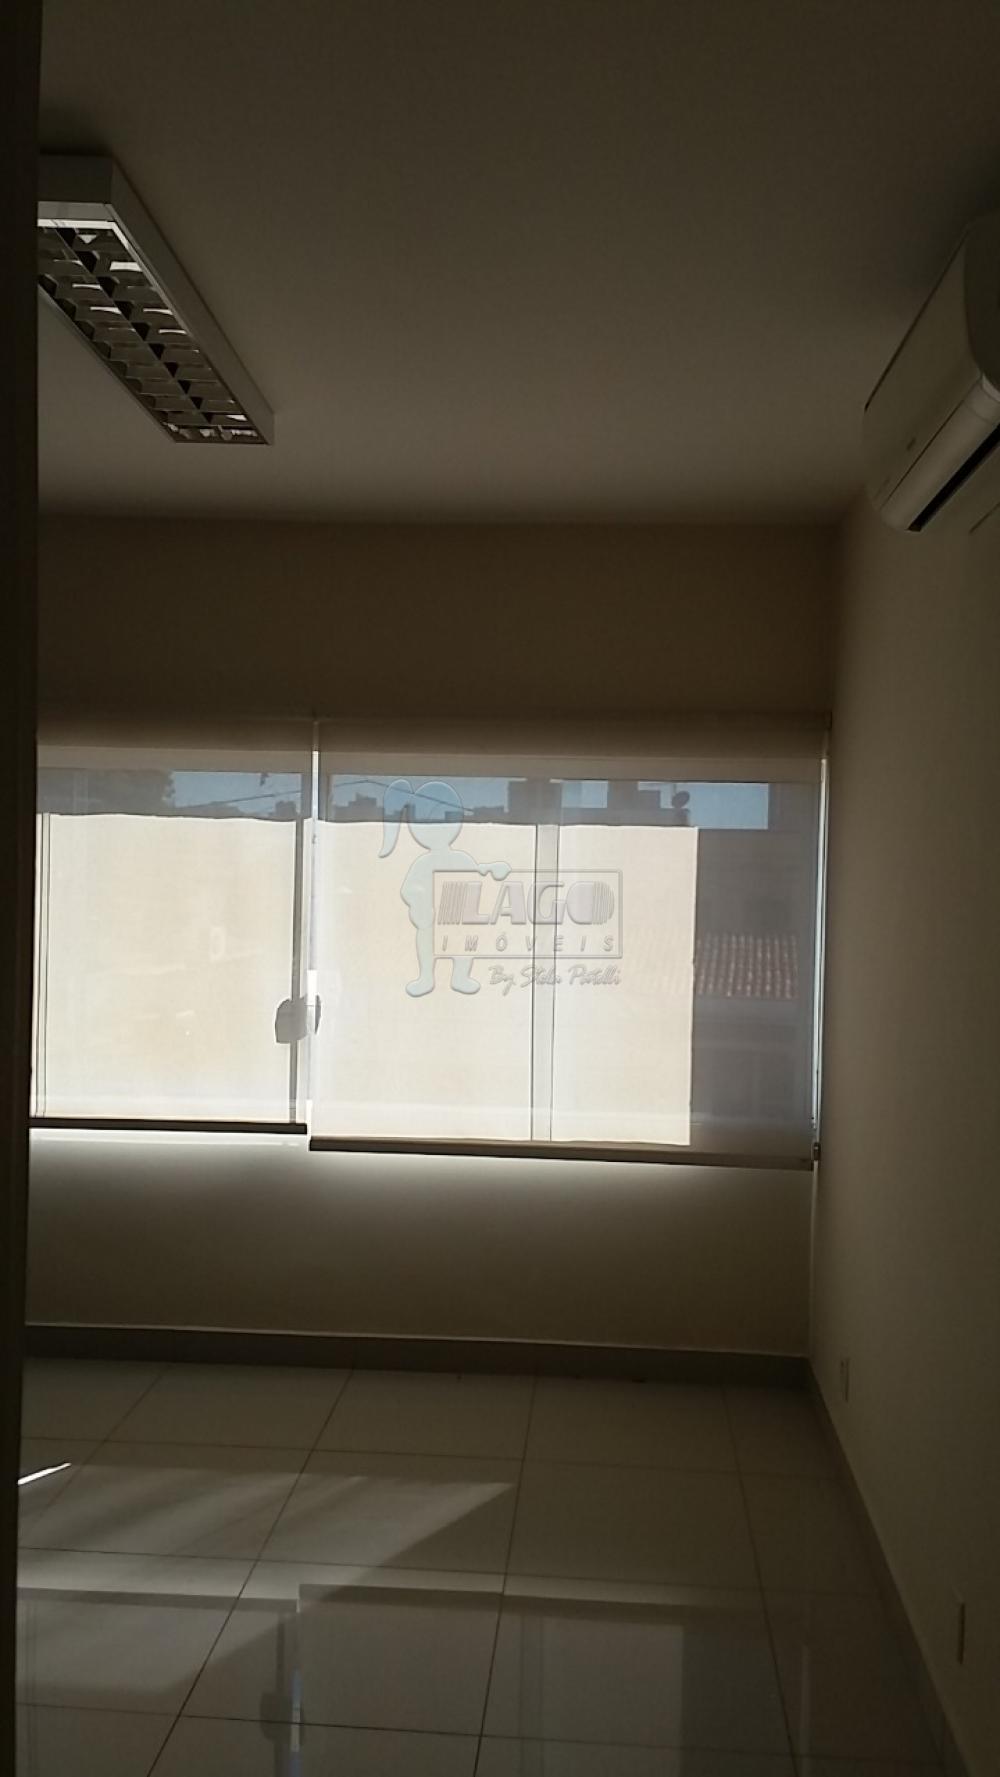 Alugar Comercial / Imóvel Comercial em Ribeirão Preto apenas R$ 4.800,00 - Foto 14